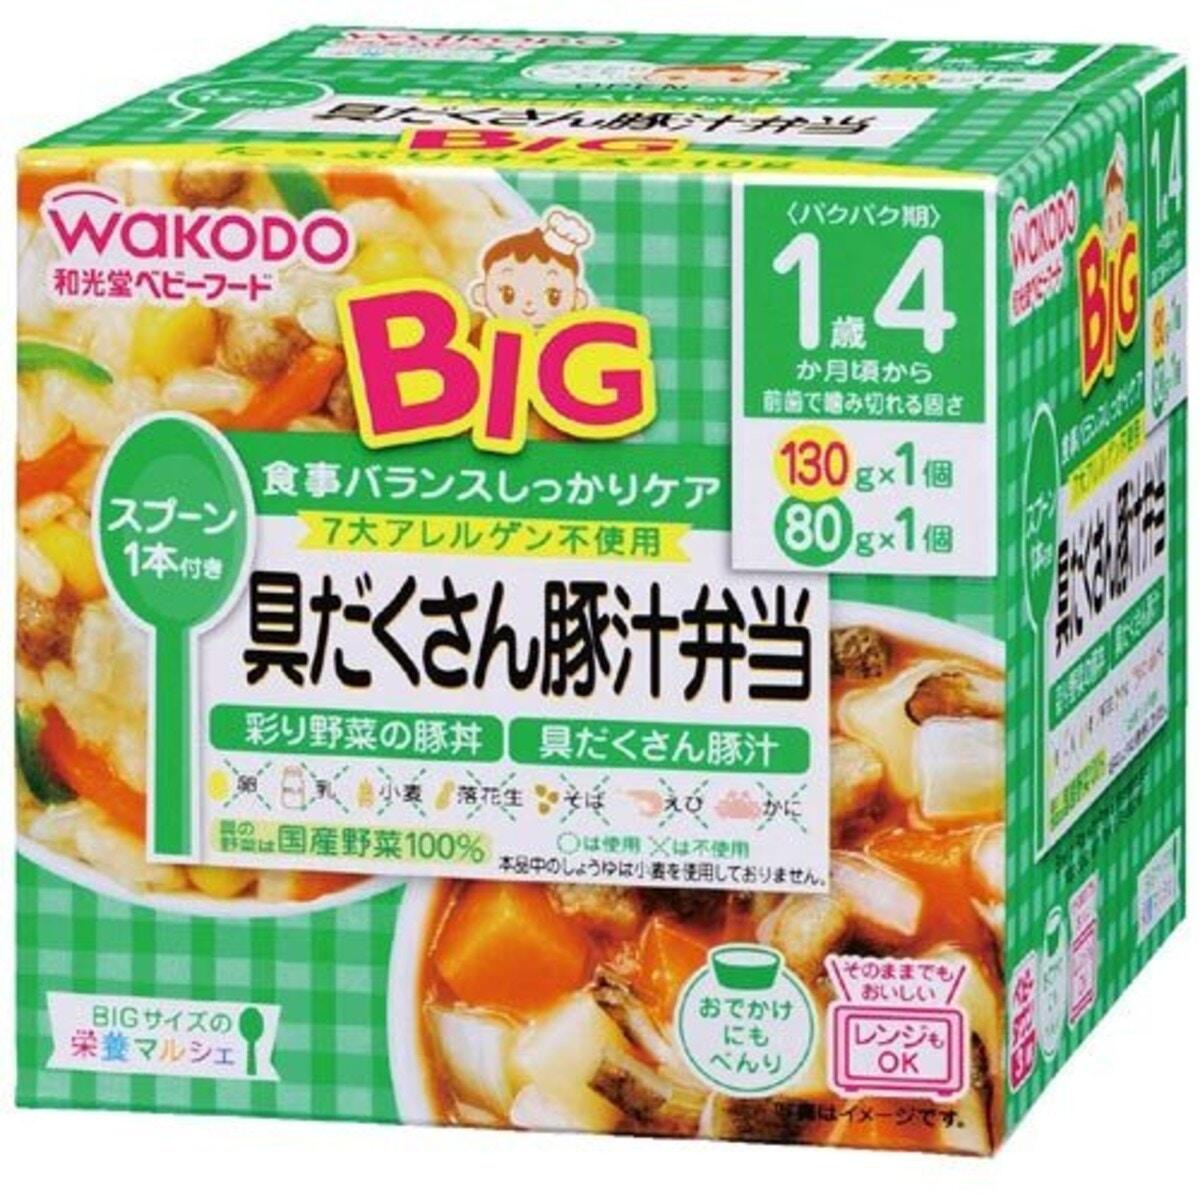 和光堂 BIGサイズの栄養マルシェ「 具だくさん豚汁弁当」彩り野菜の豚丼と具だくさん豚汁